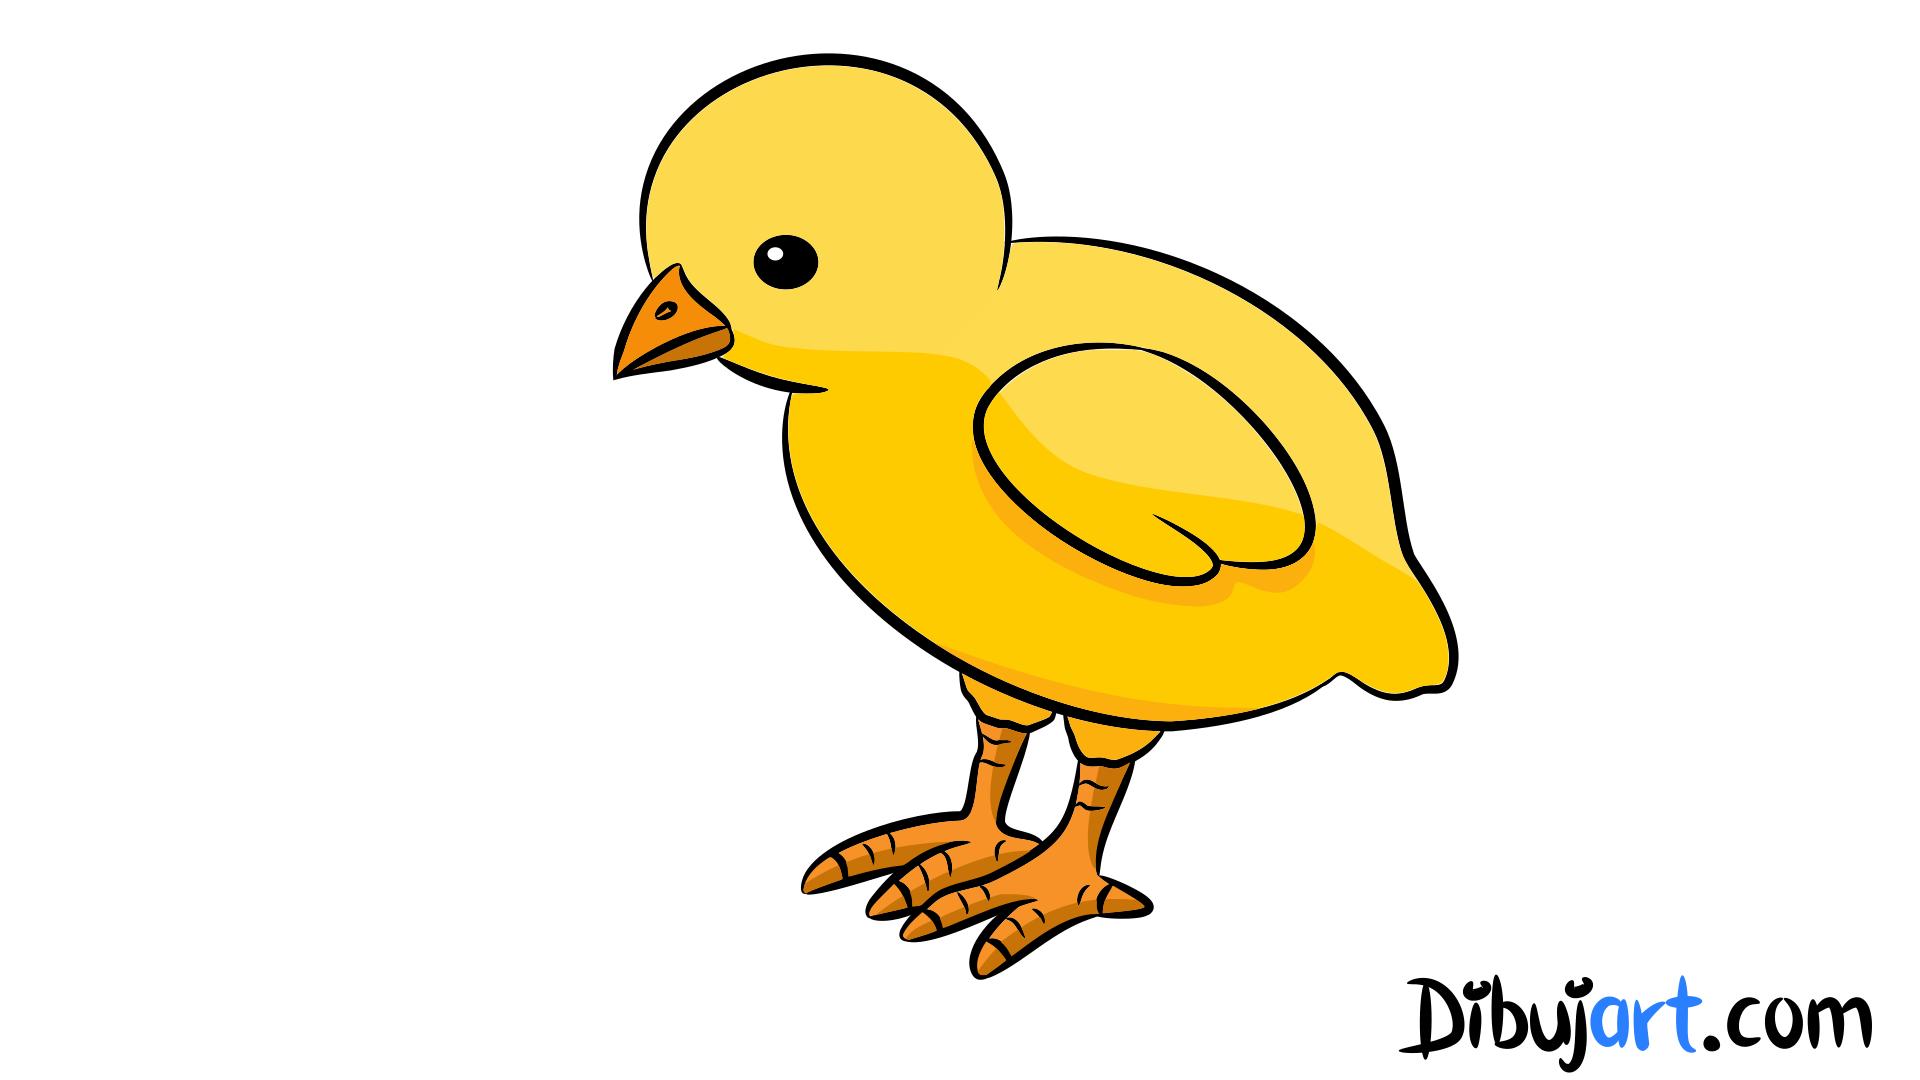 Como Dibujar Un Pollito Pio Paso A Paso Pollitos Dibujo Pollito Pollo Para Dibujar